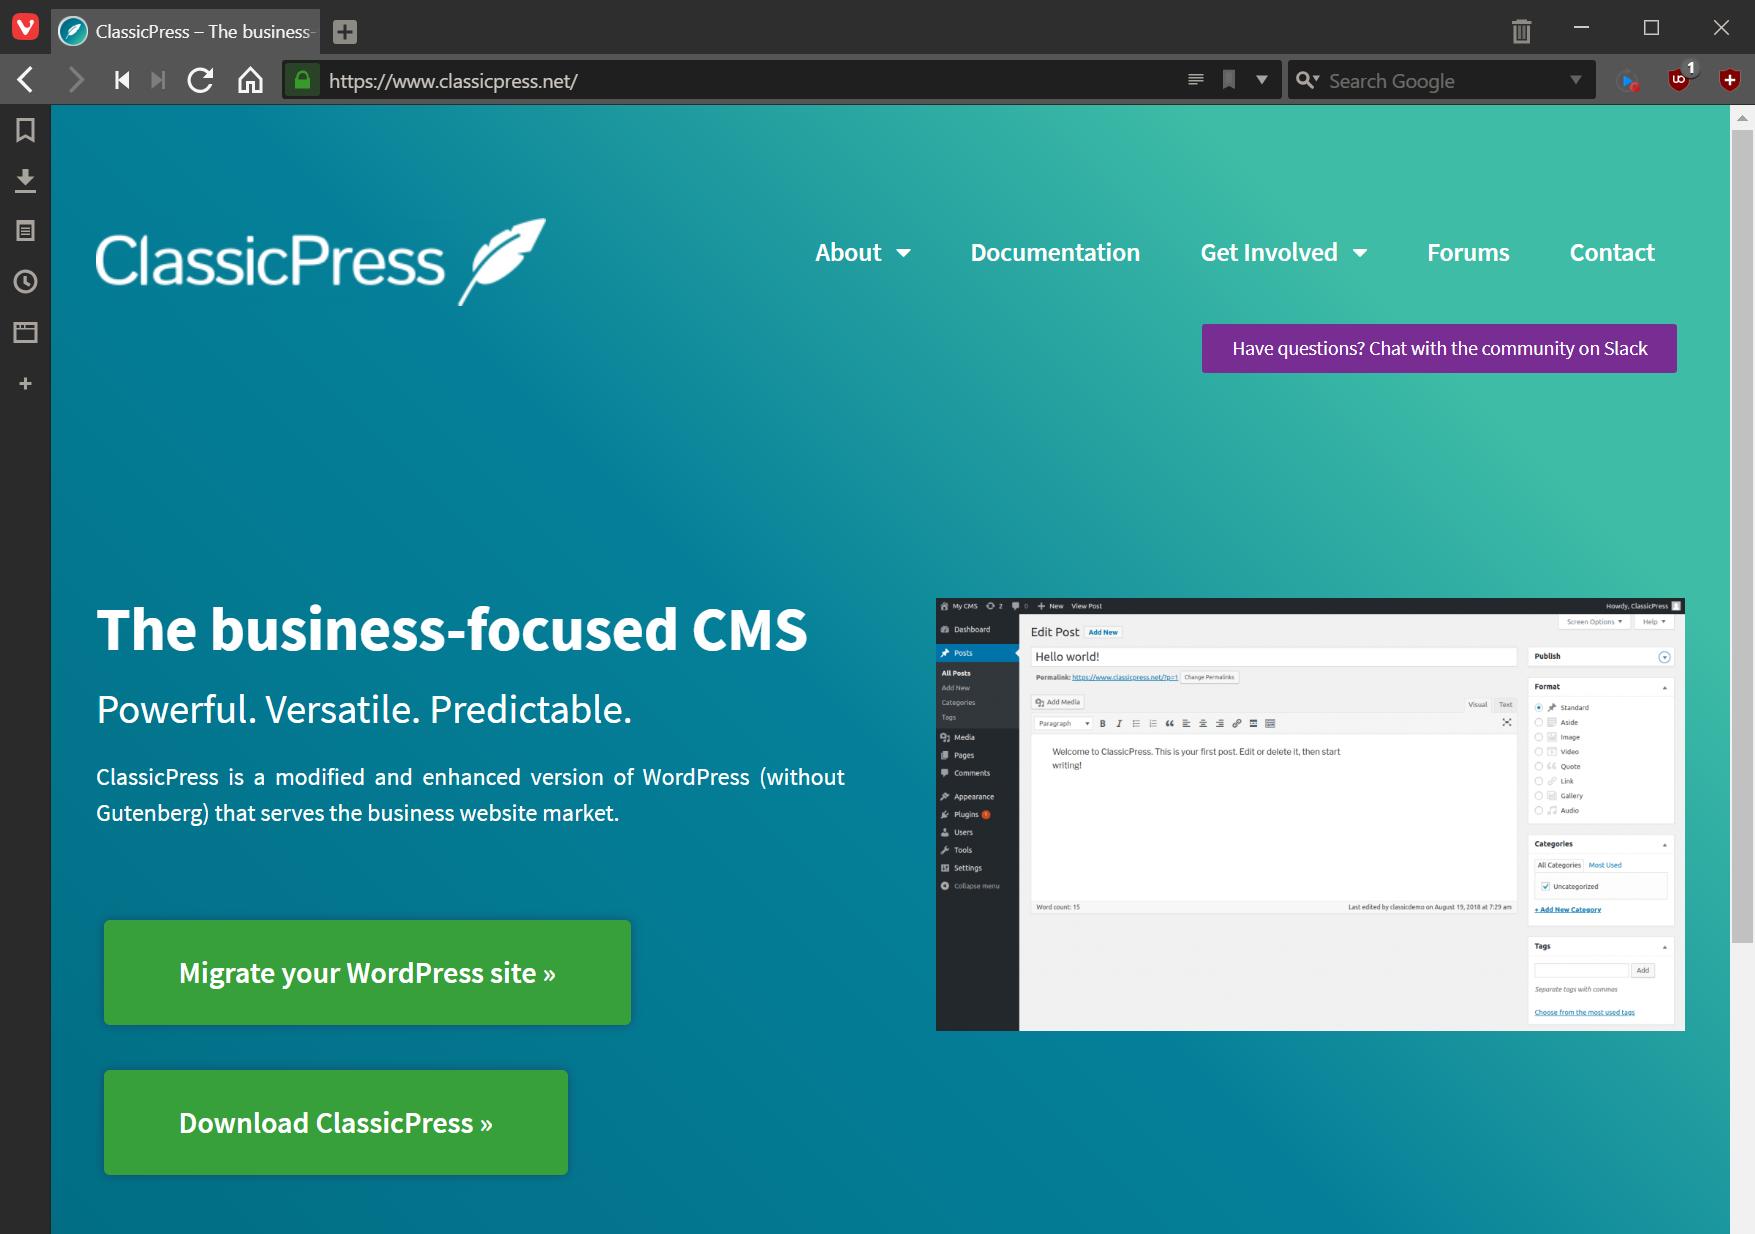 ClassicPress site with Download ClassicPress button